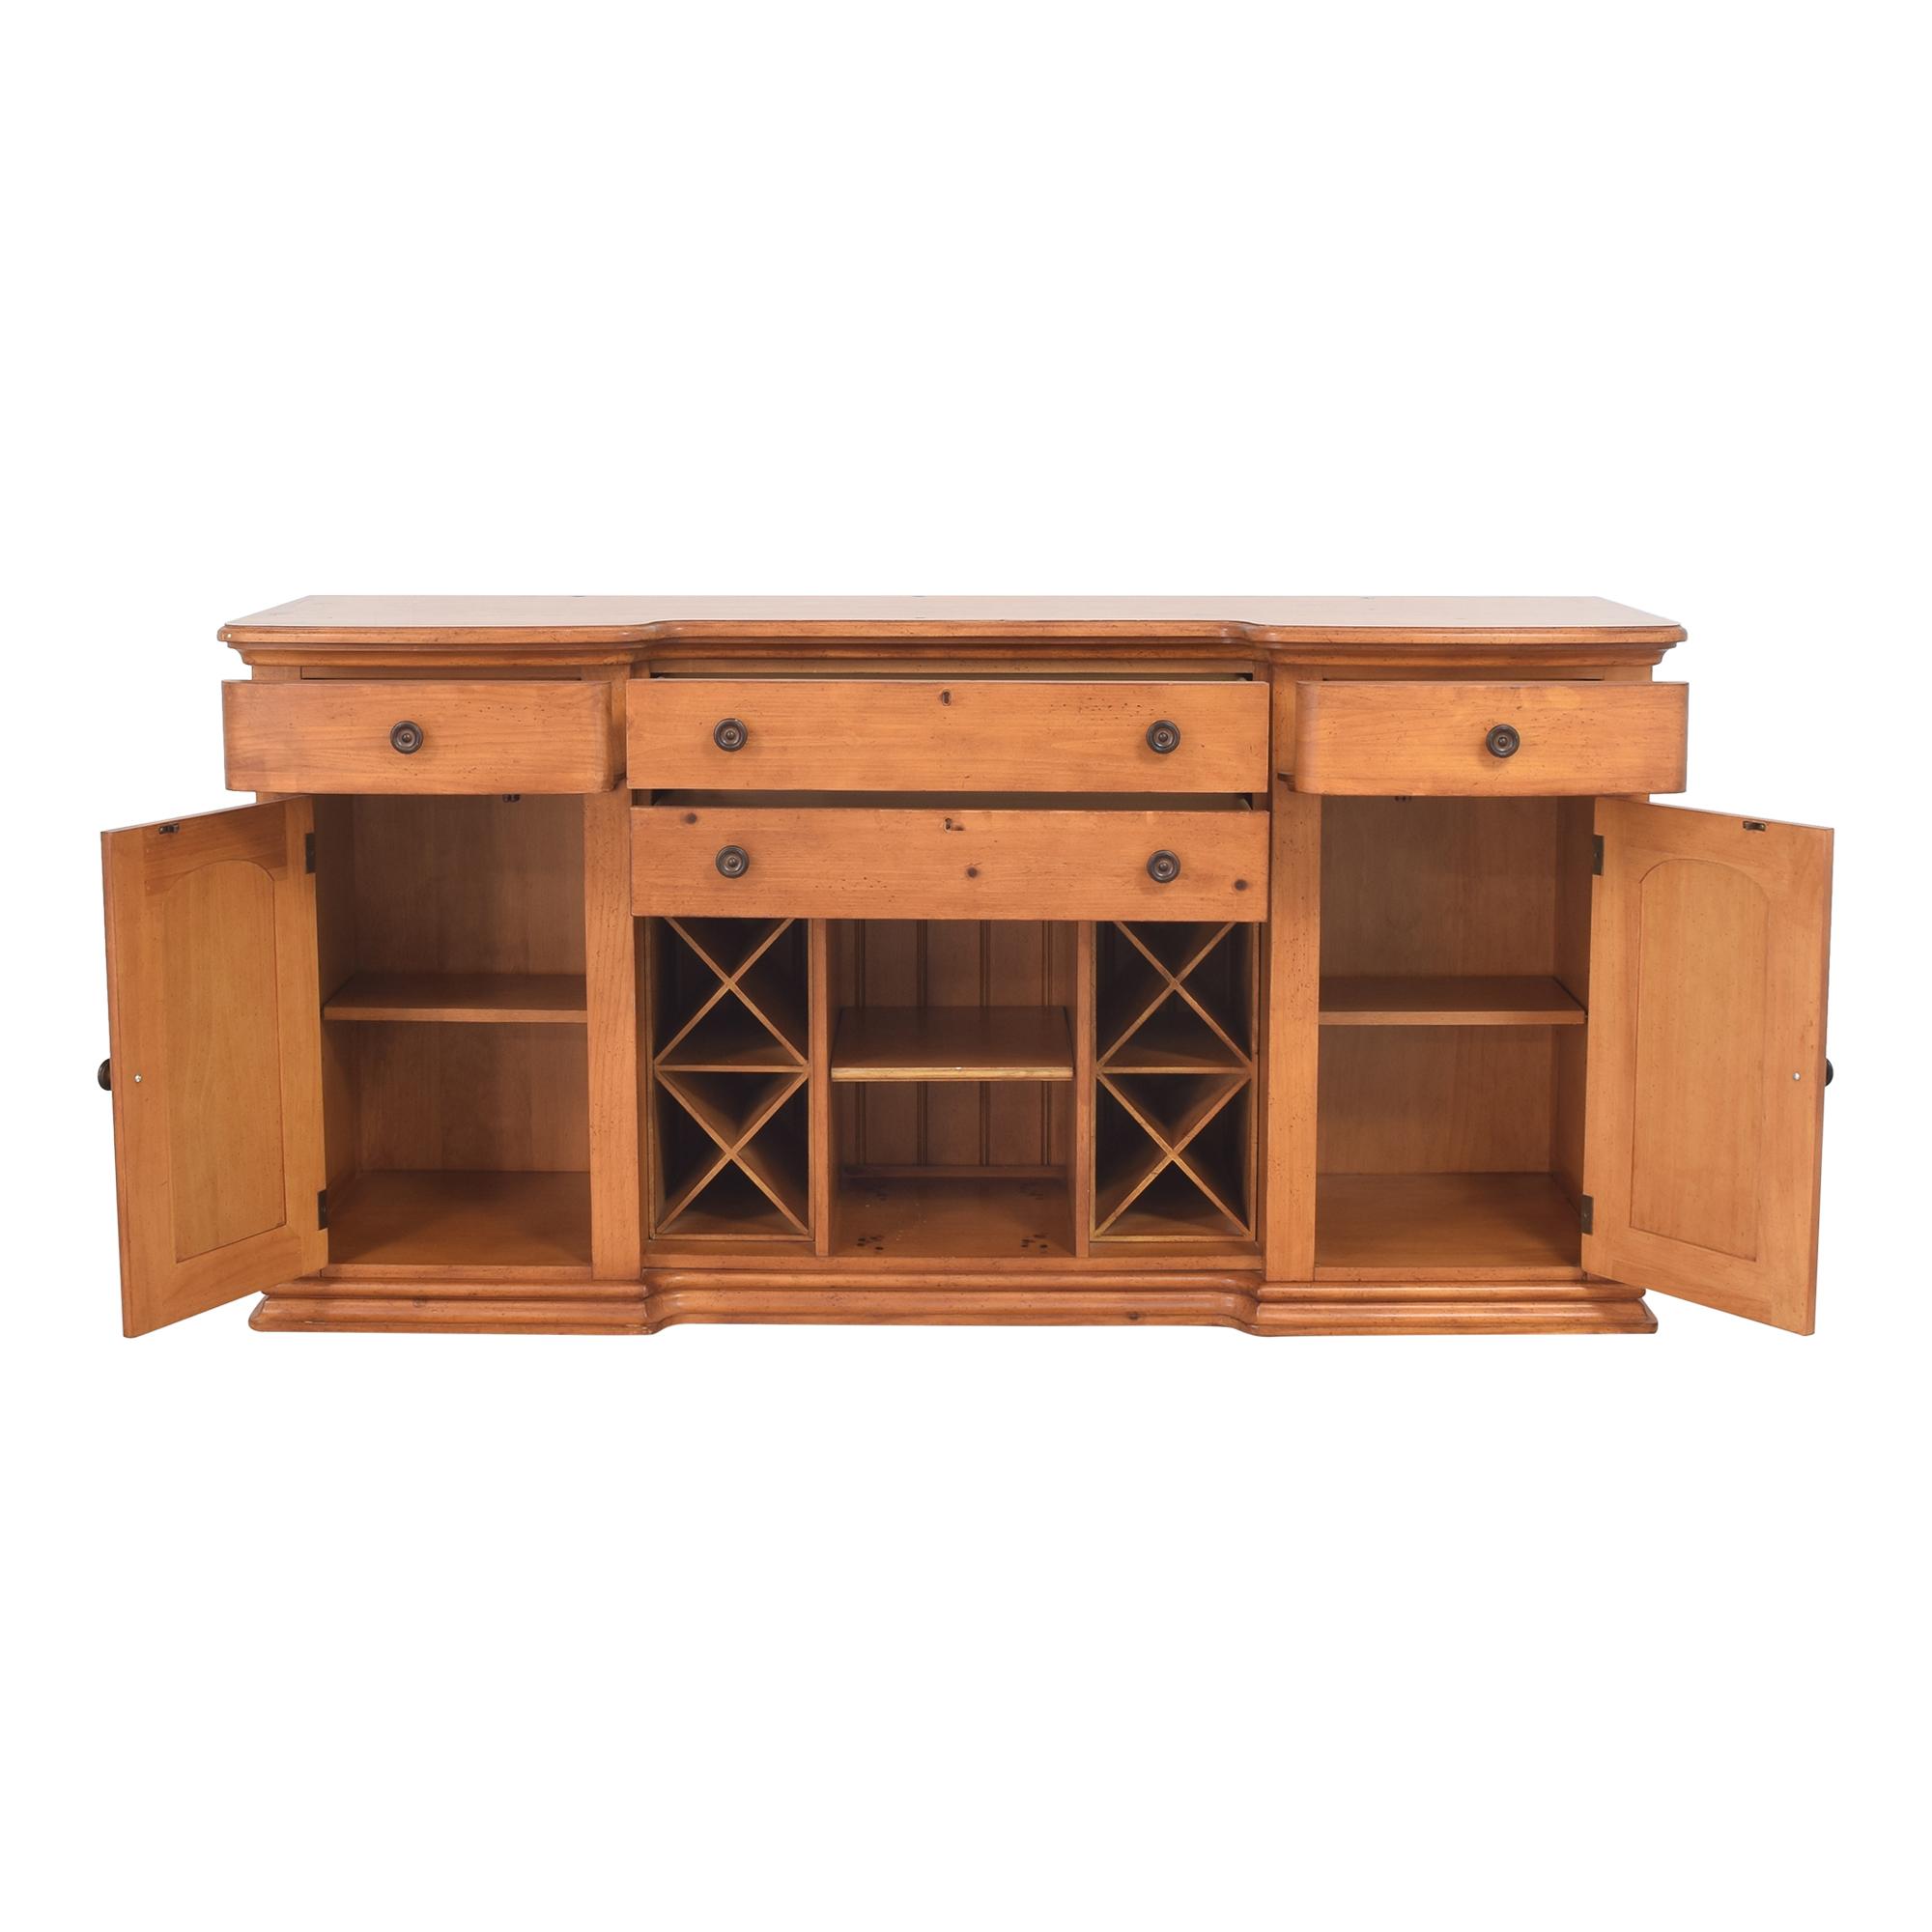 Stanley Furniture Cottage Revival Vineyard Service Cabinet / Storage